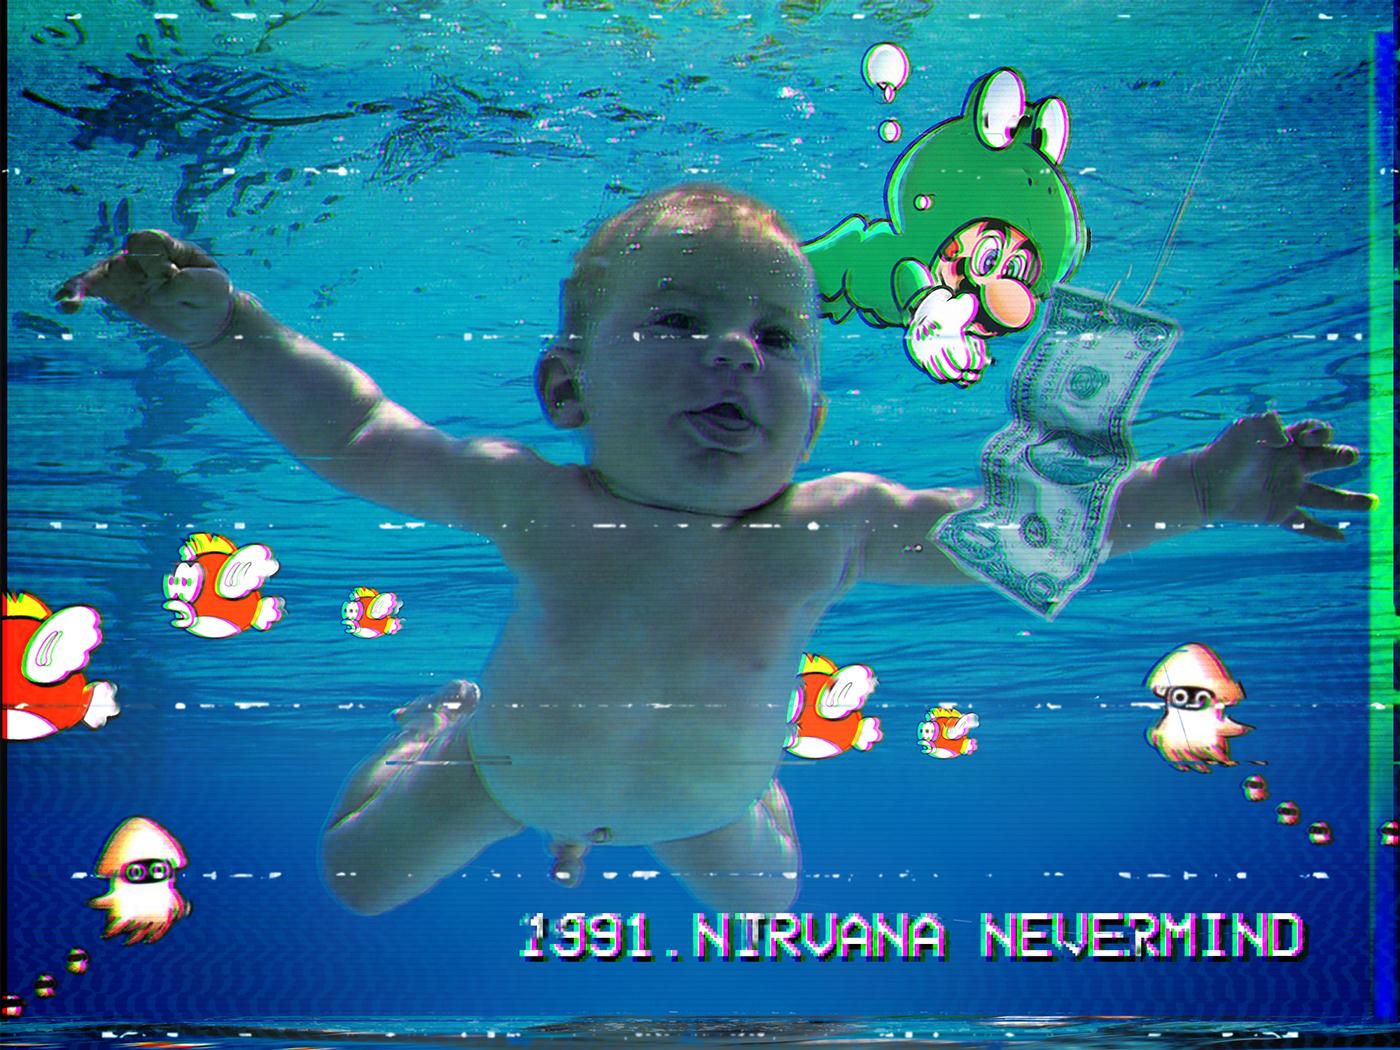 mario bros 30 anos de historia do game15 - MarioBros um game com 30 anos de história